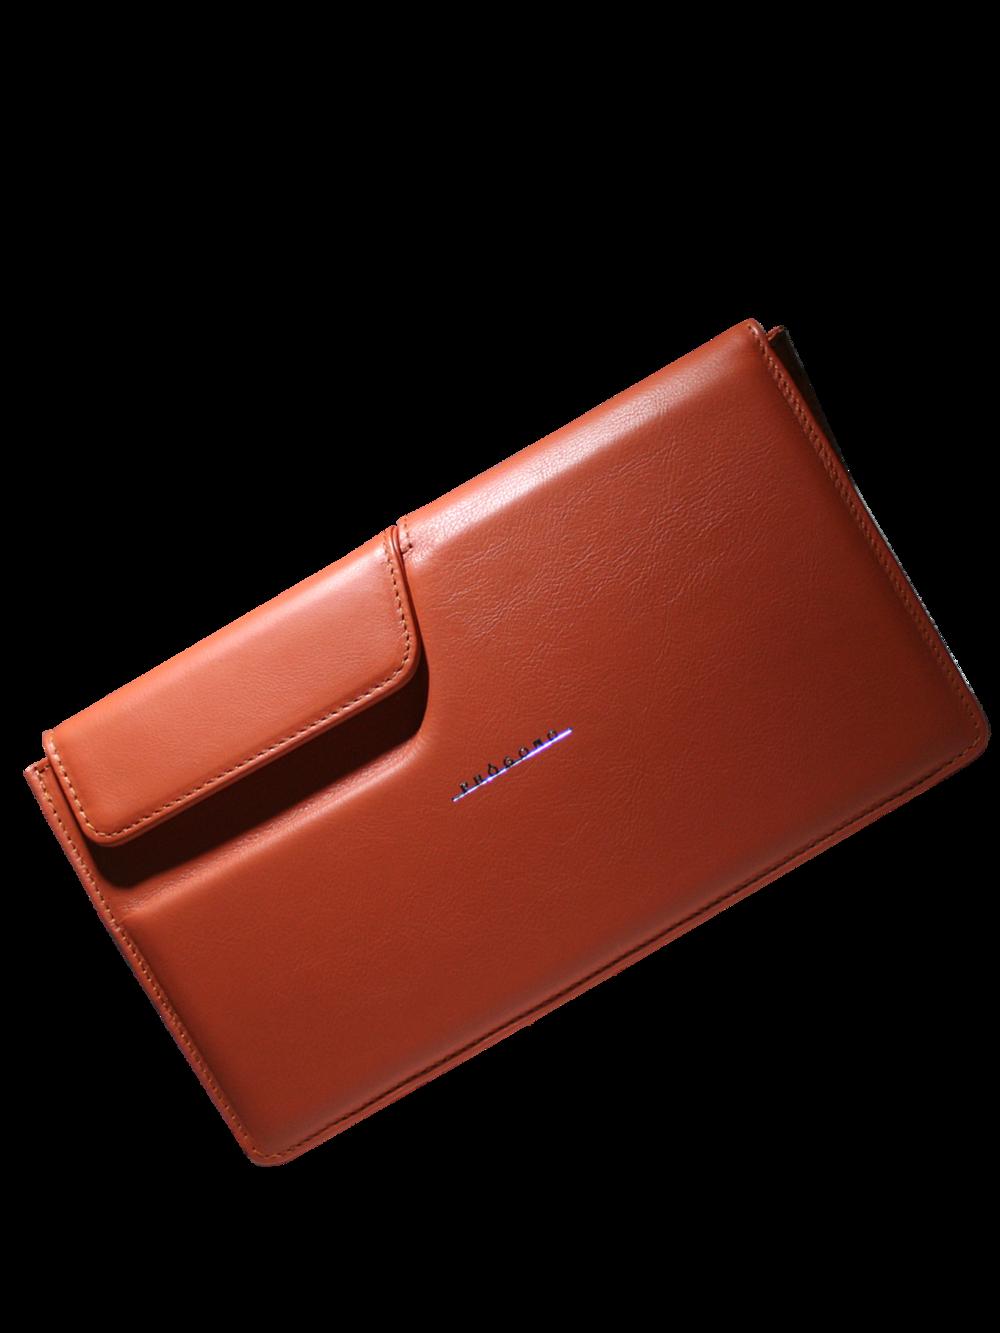 progono_shop_constellation_cometa_leather_design_bag_shoulderbag_handbag_orange_01.png